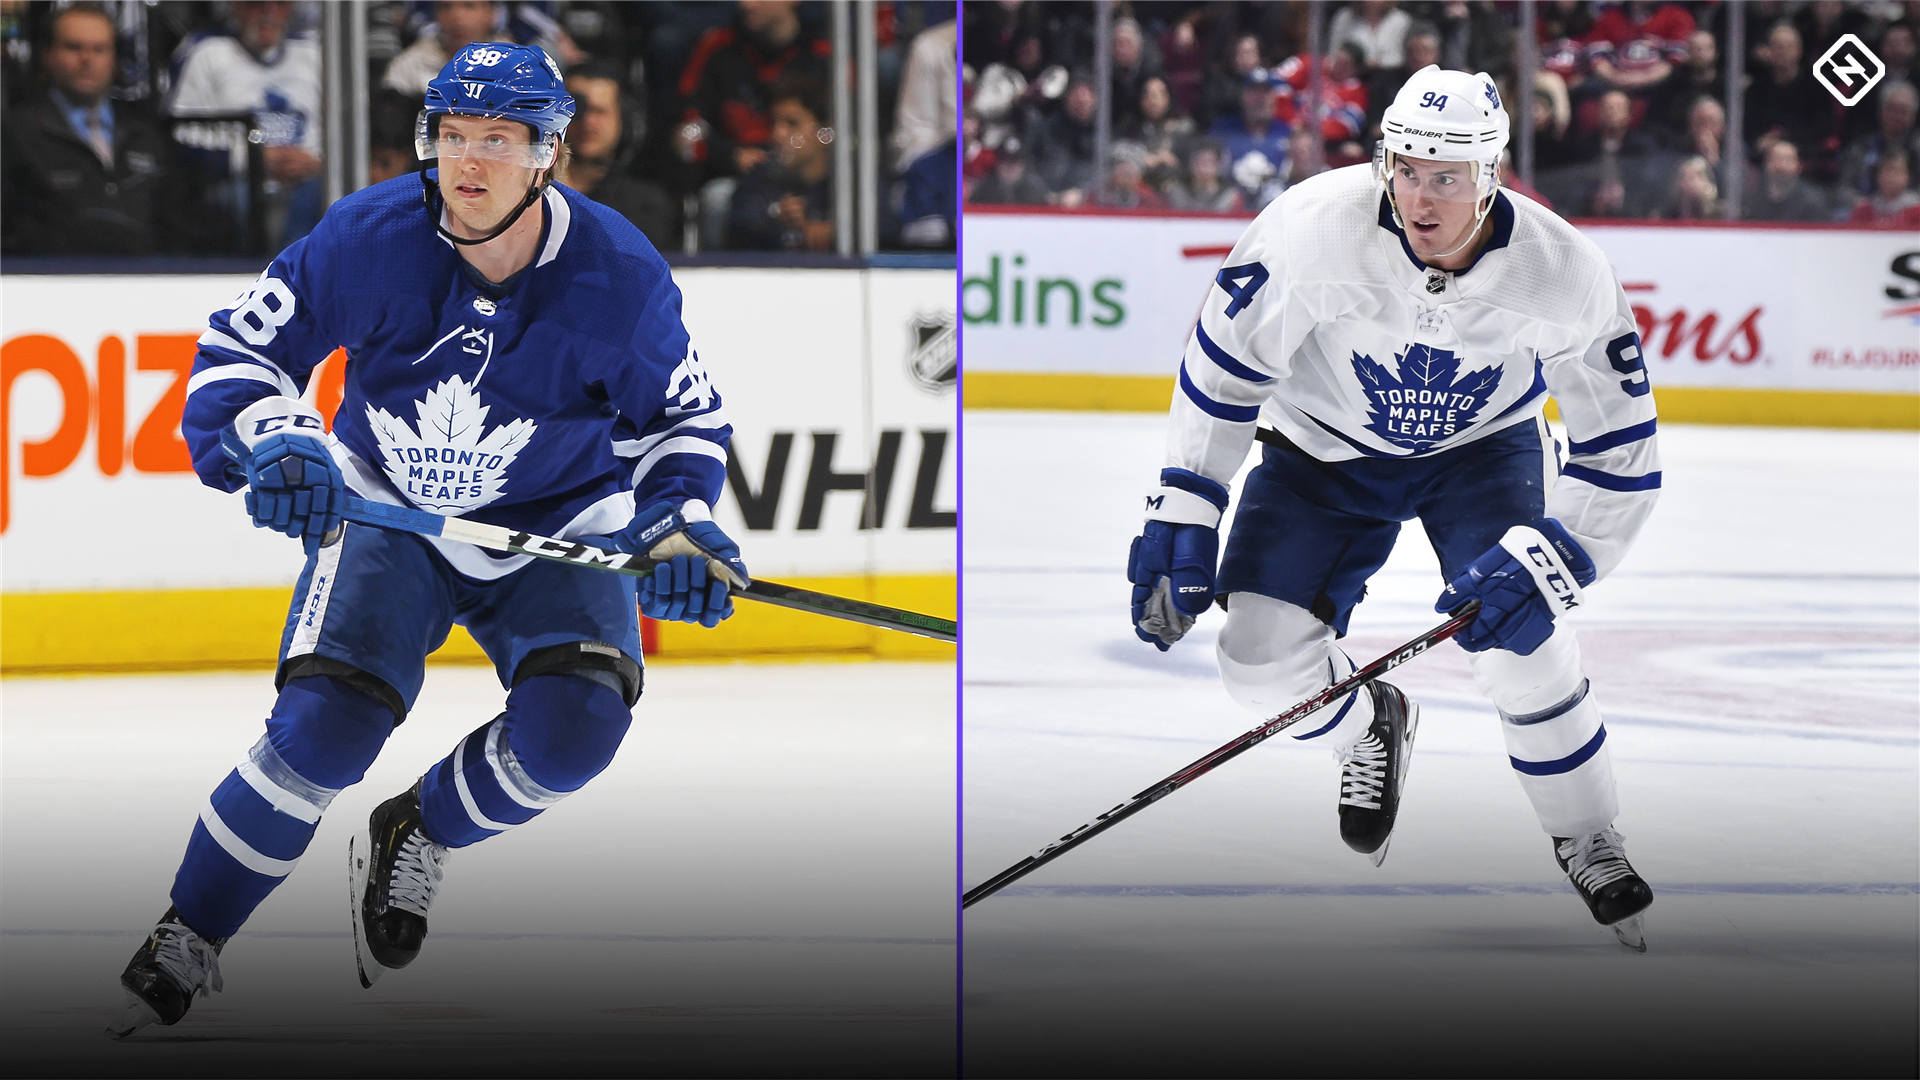 Con lesiones cada vez mayores, Maple Leafs confía en los jóvenes defensores durante el playoff 60